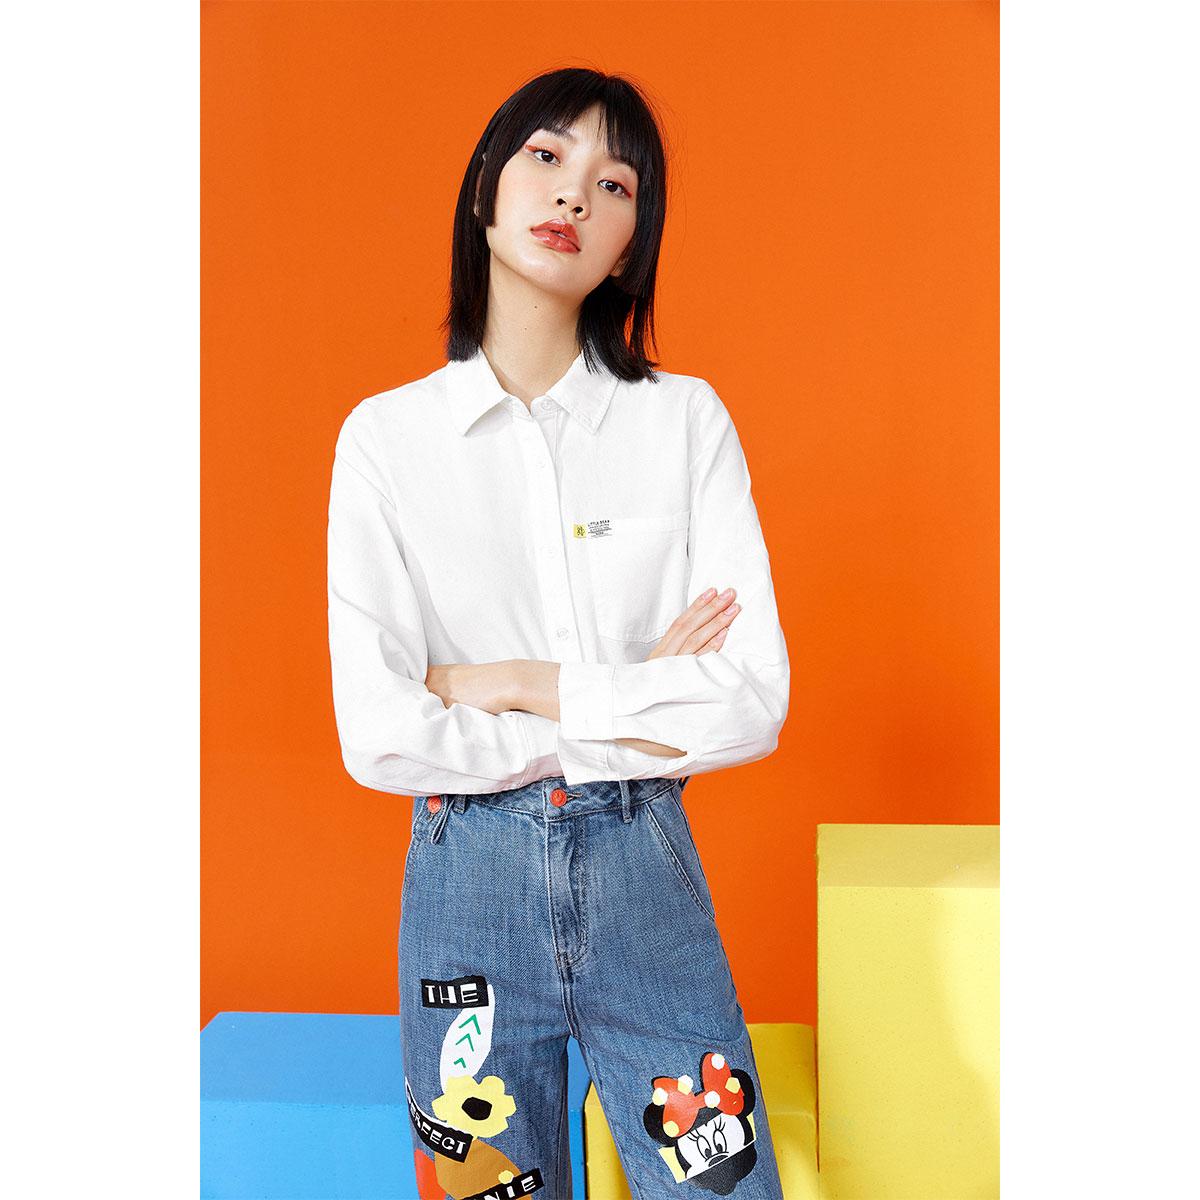 PEACEBIRD 太平鸟 AWCAB2A6081 女士衬衫